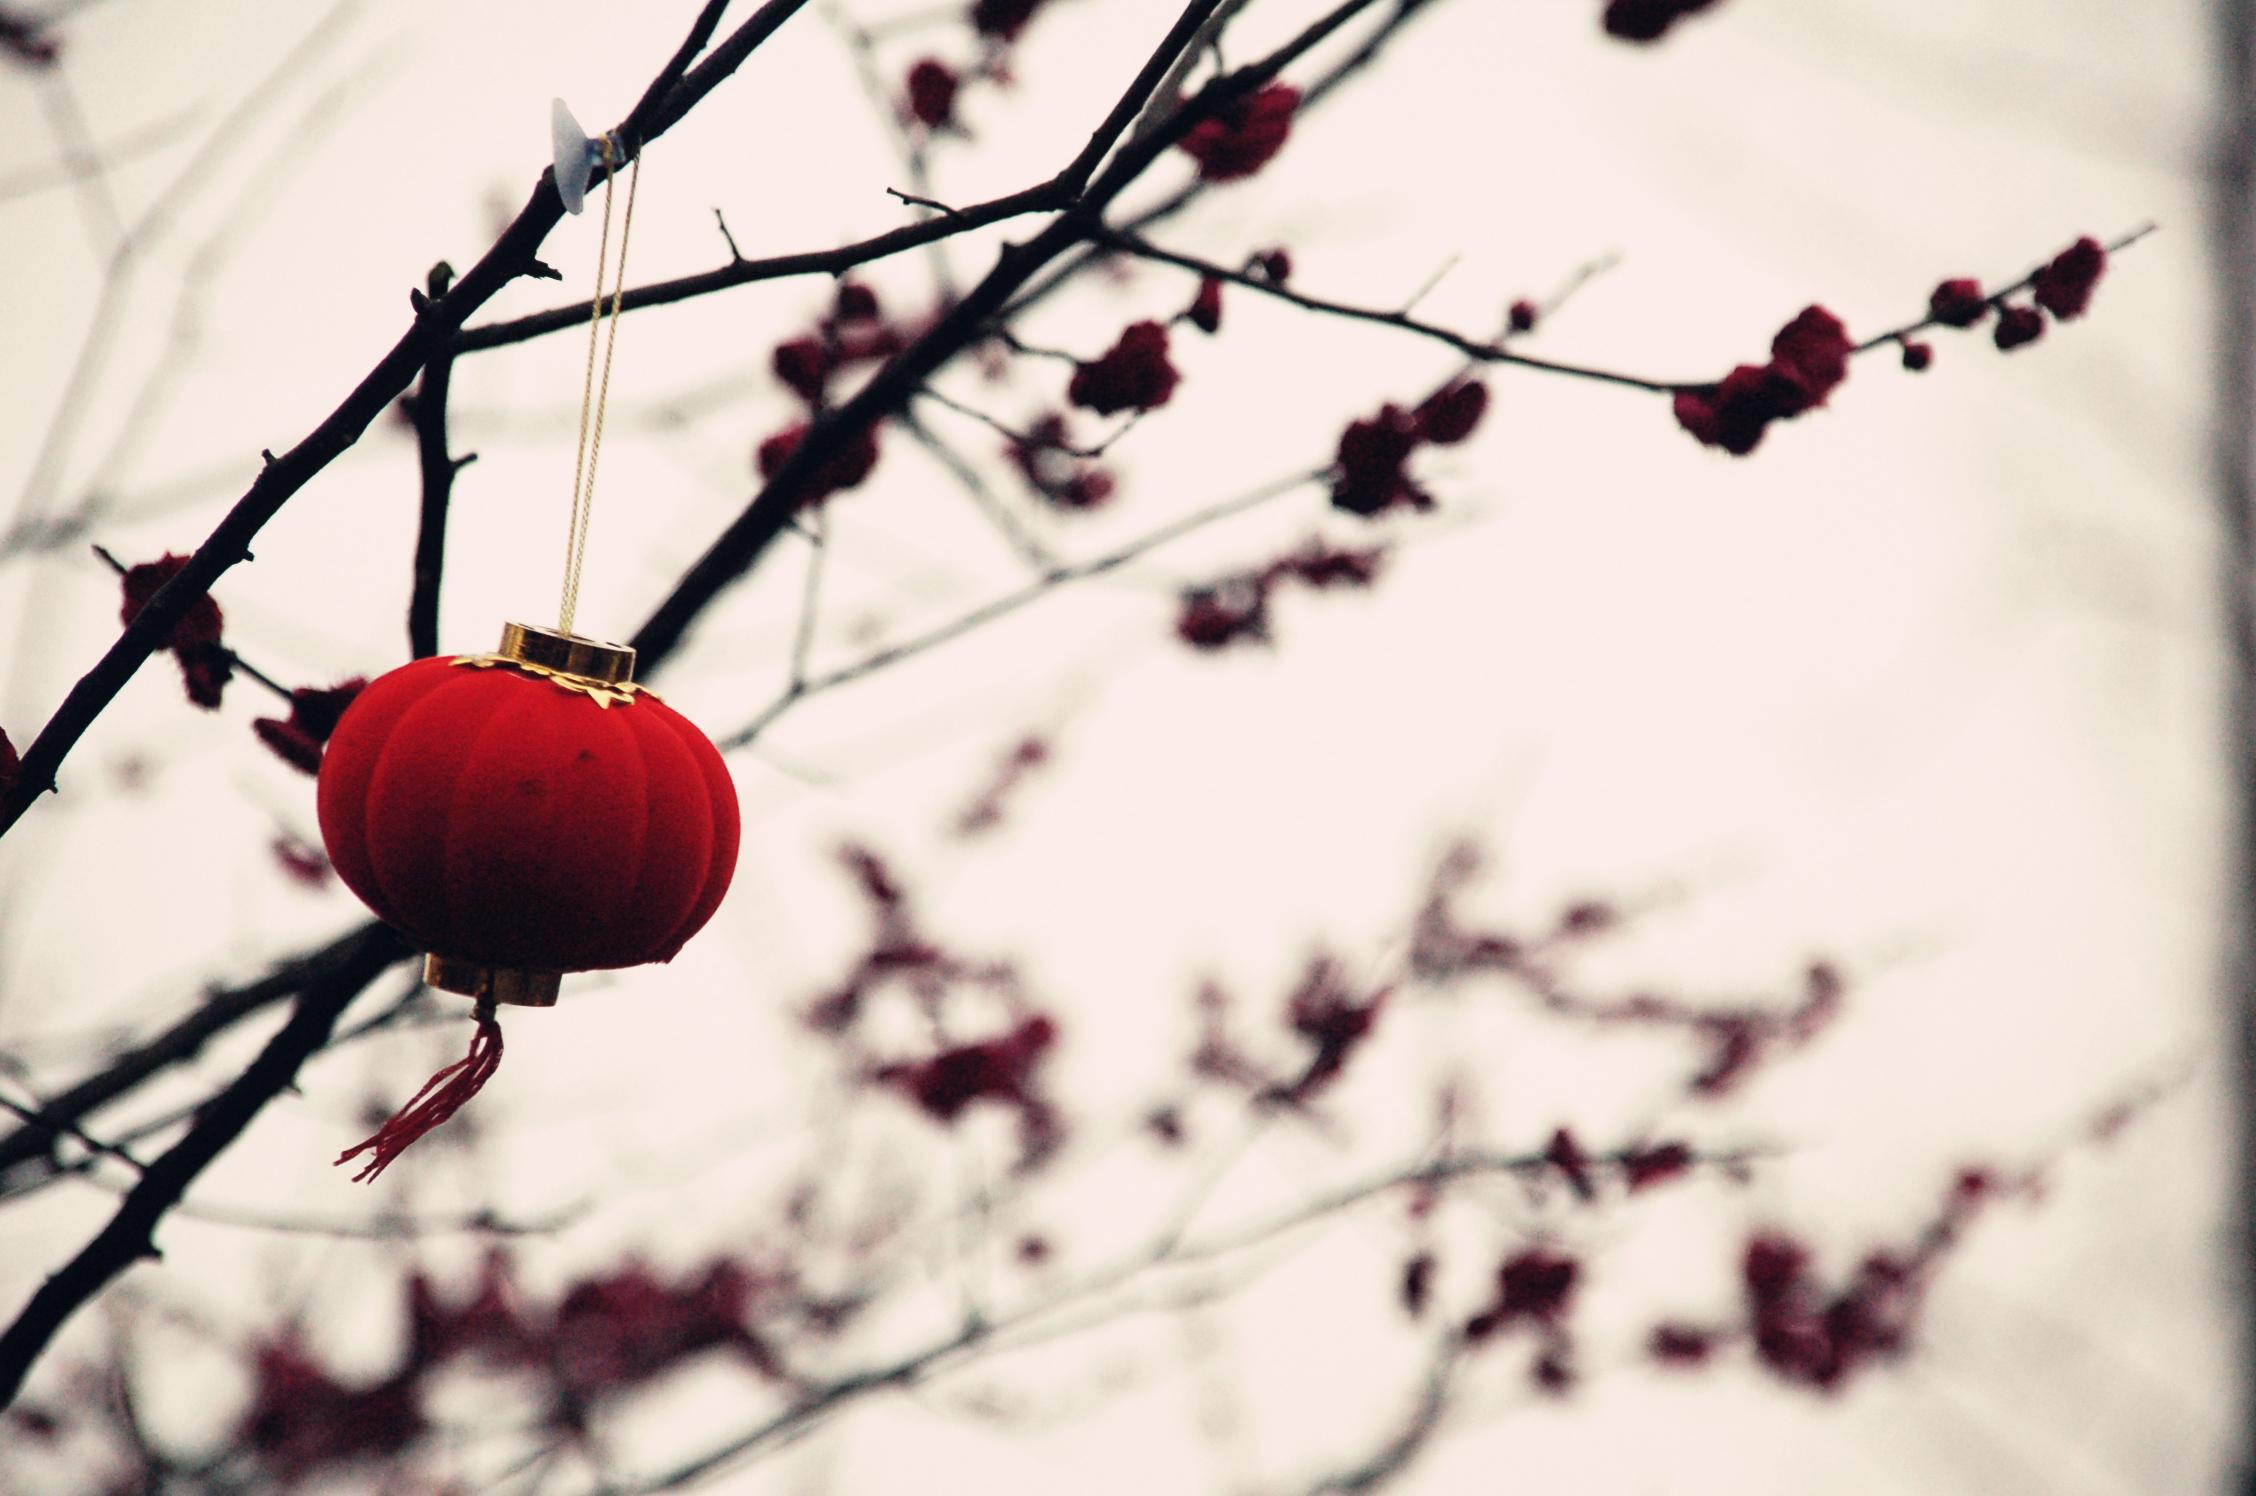 一棵梅花树上挂着红灯笼